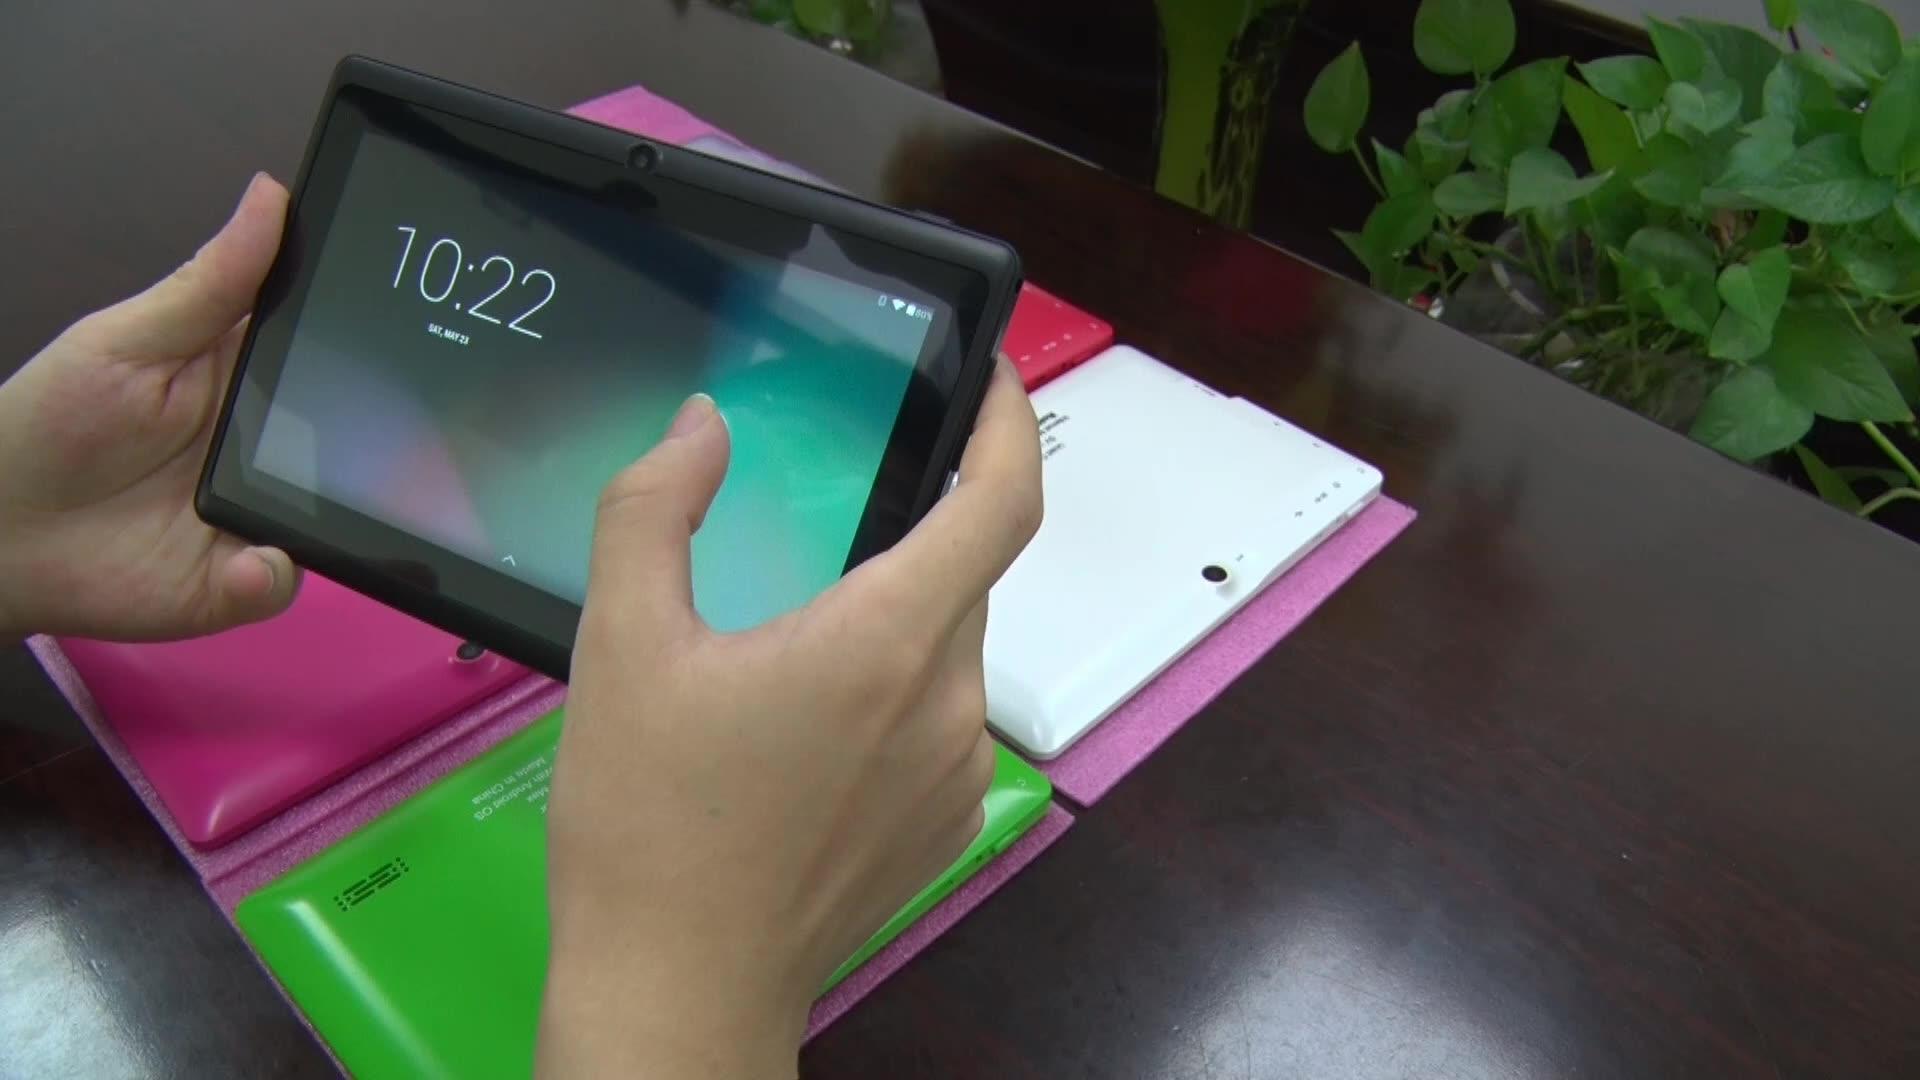 Giá Rẻ Màn Hình Cảm Ứng Trẻ Em Tablet 7 Inch A33 Quad Core Android Tablet